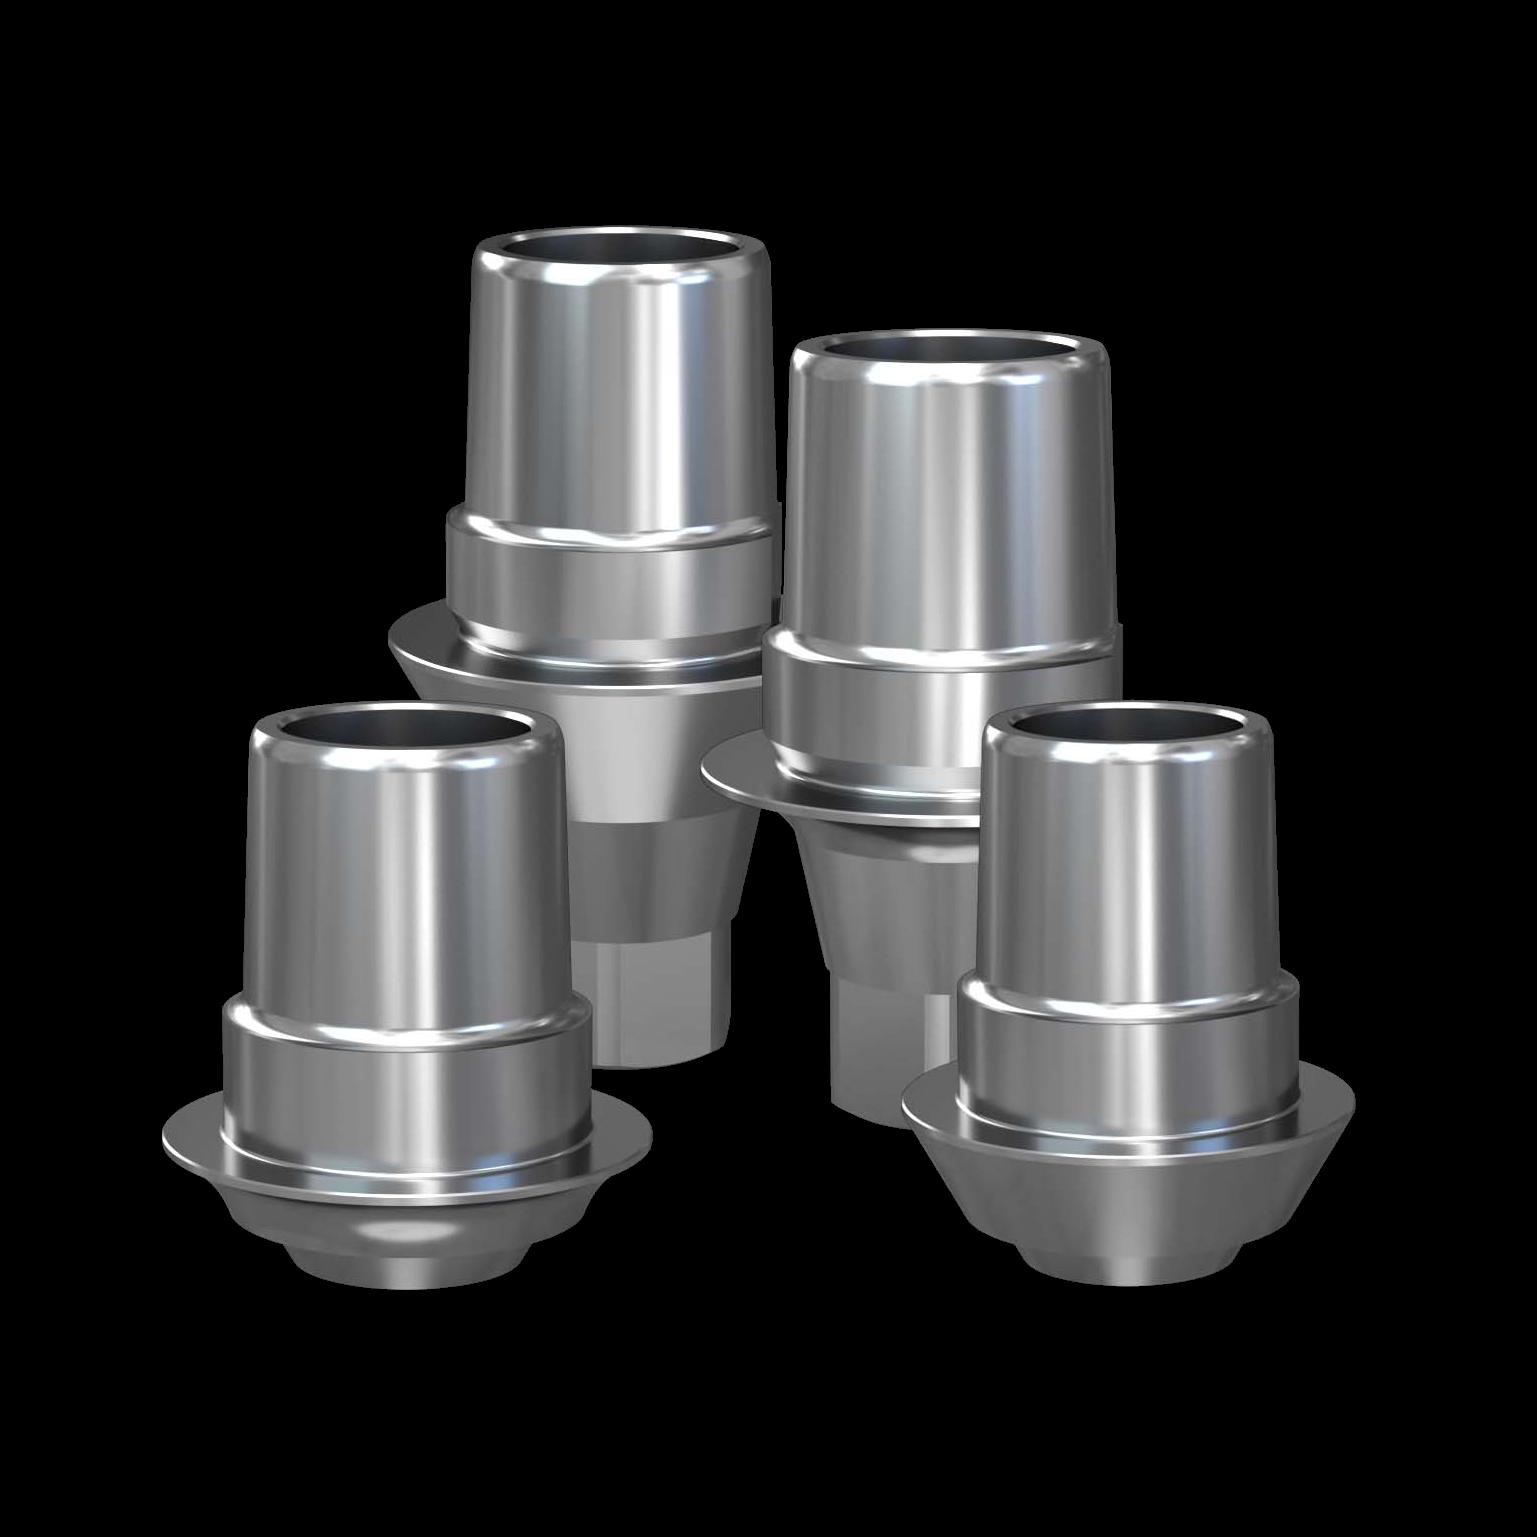 Titanium bases